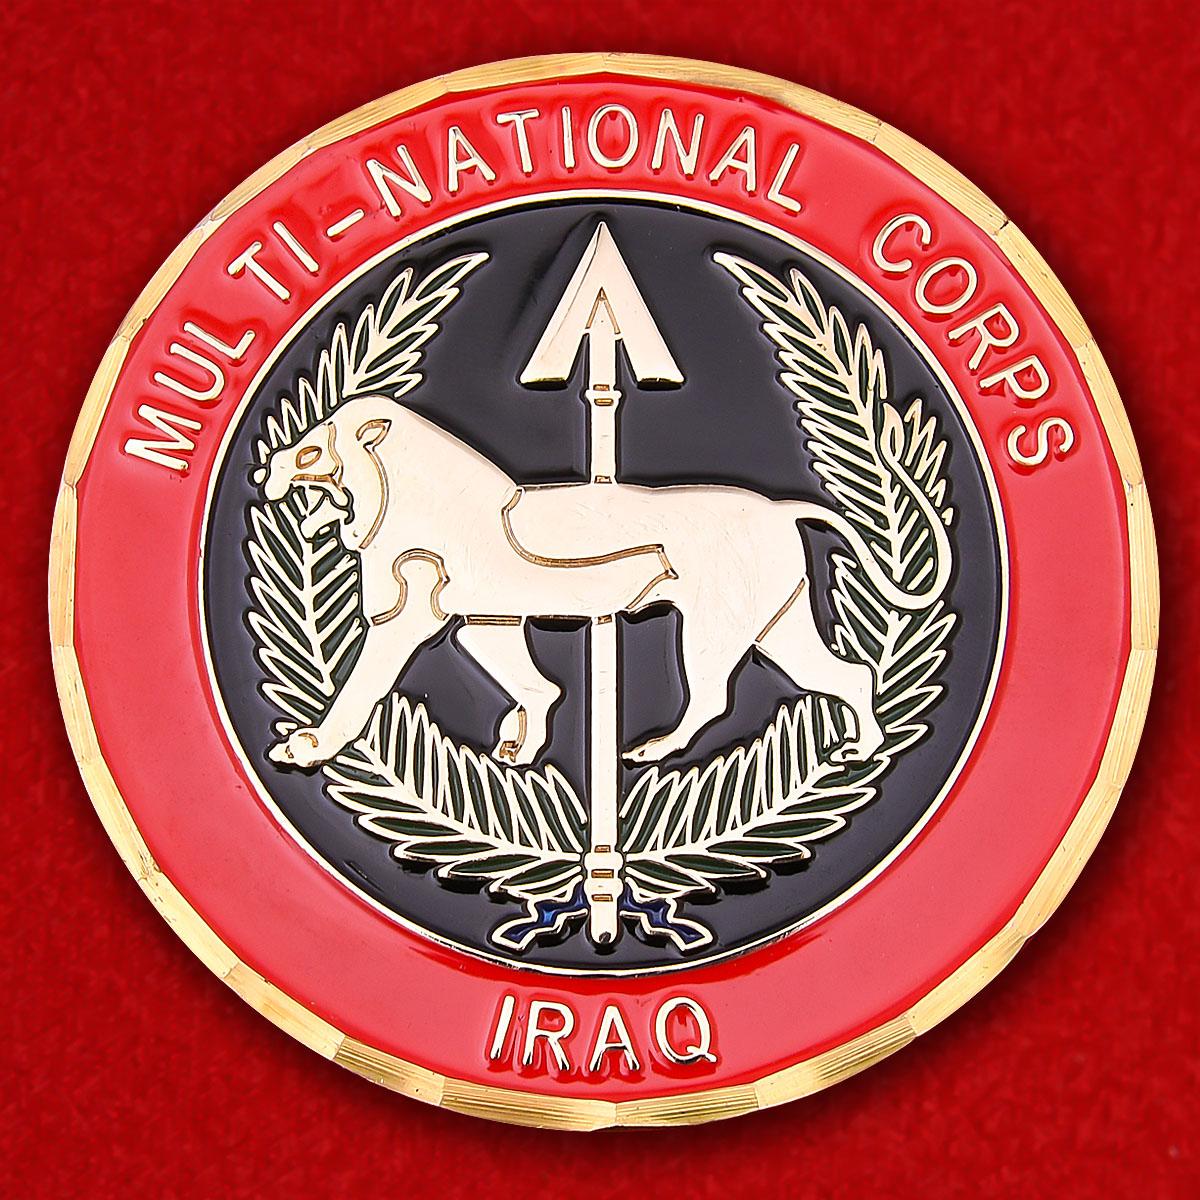 """Челлендж коин многонационального корпуса НАТО """"За операцию Иракская свобода"""""""